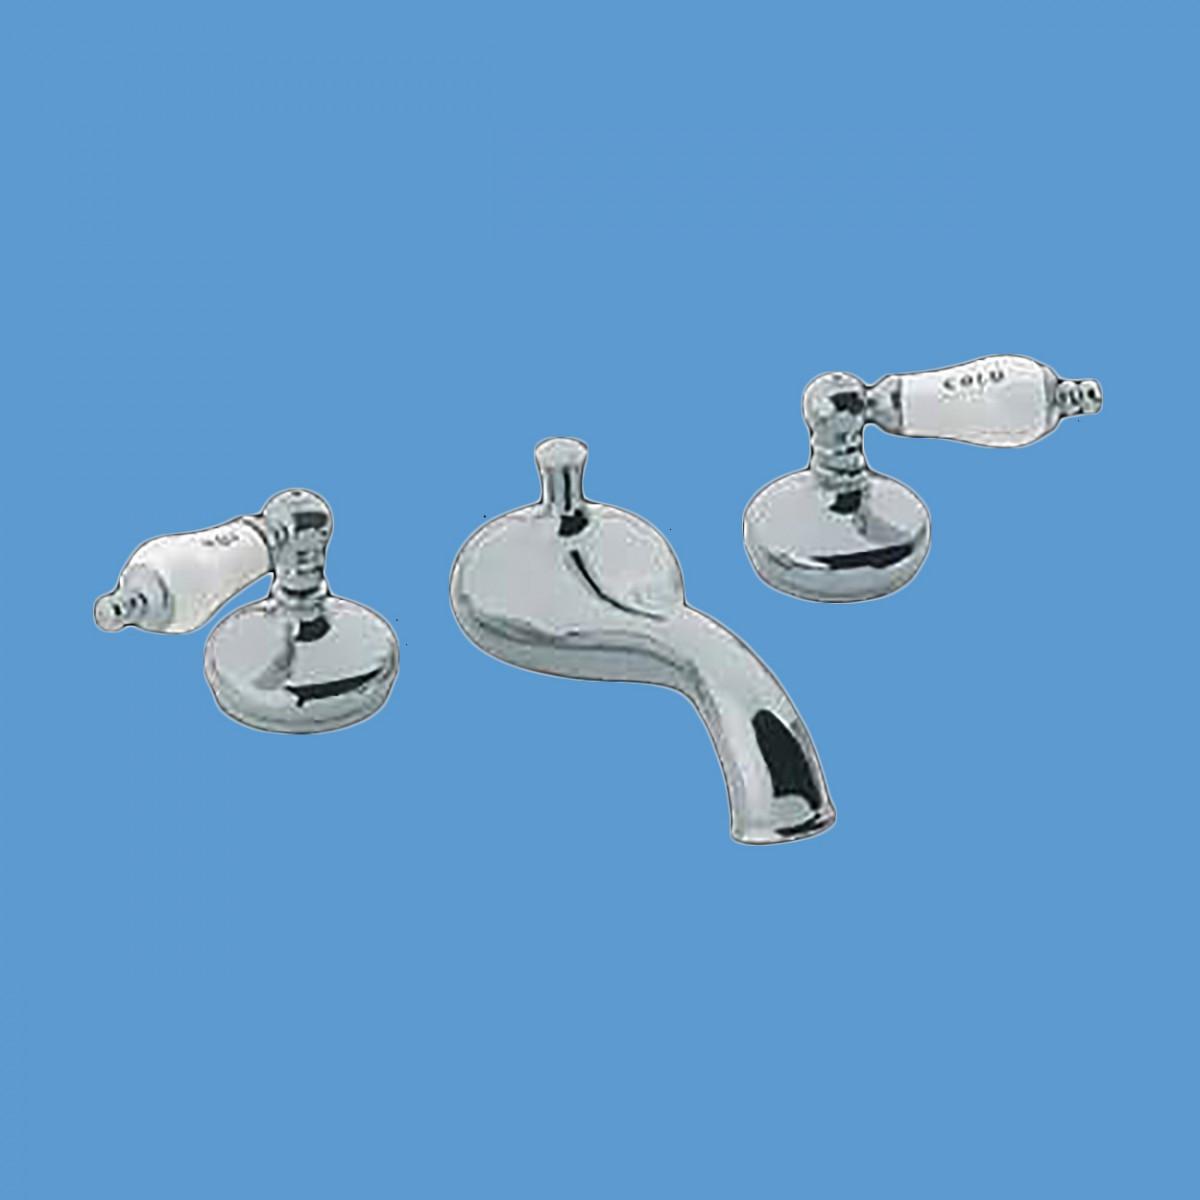 Tub Faucet Heavy Chrome Porcelain Lever Handles Deck Mount